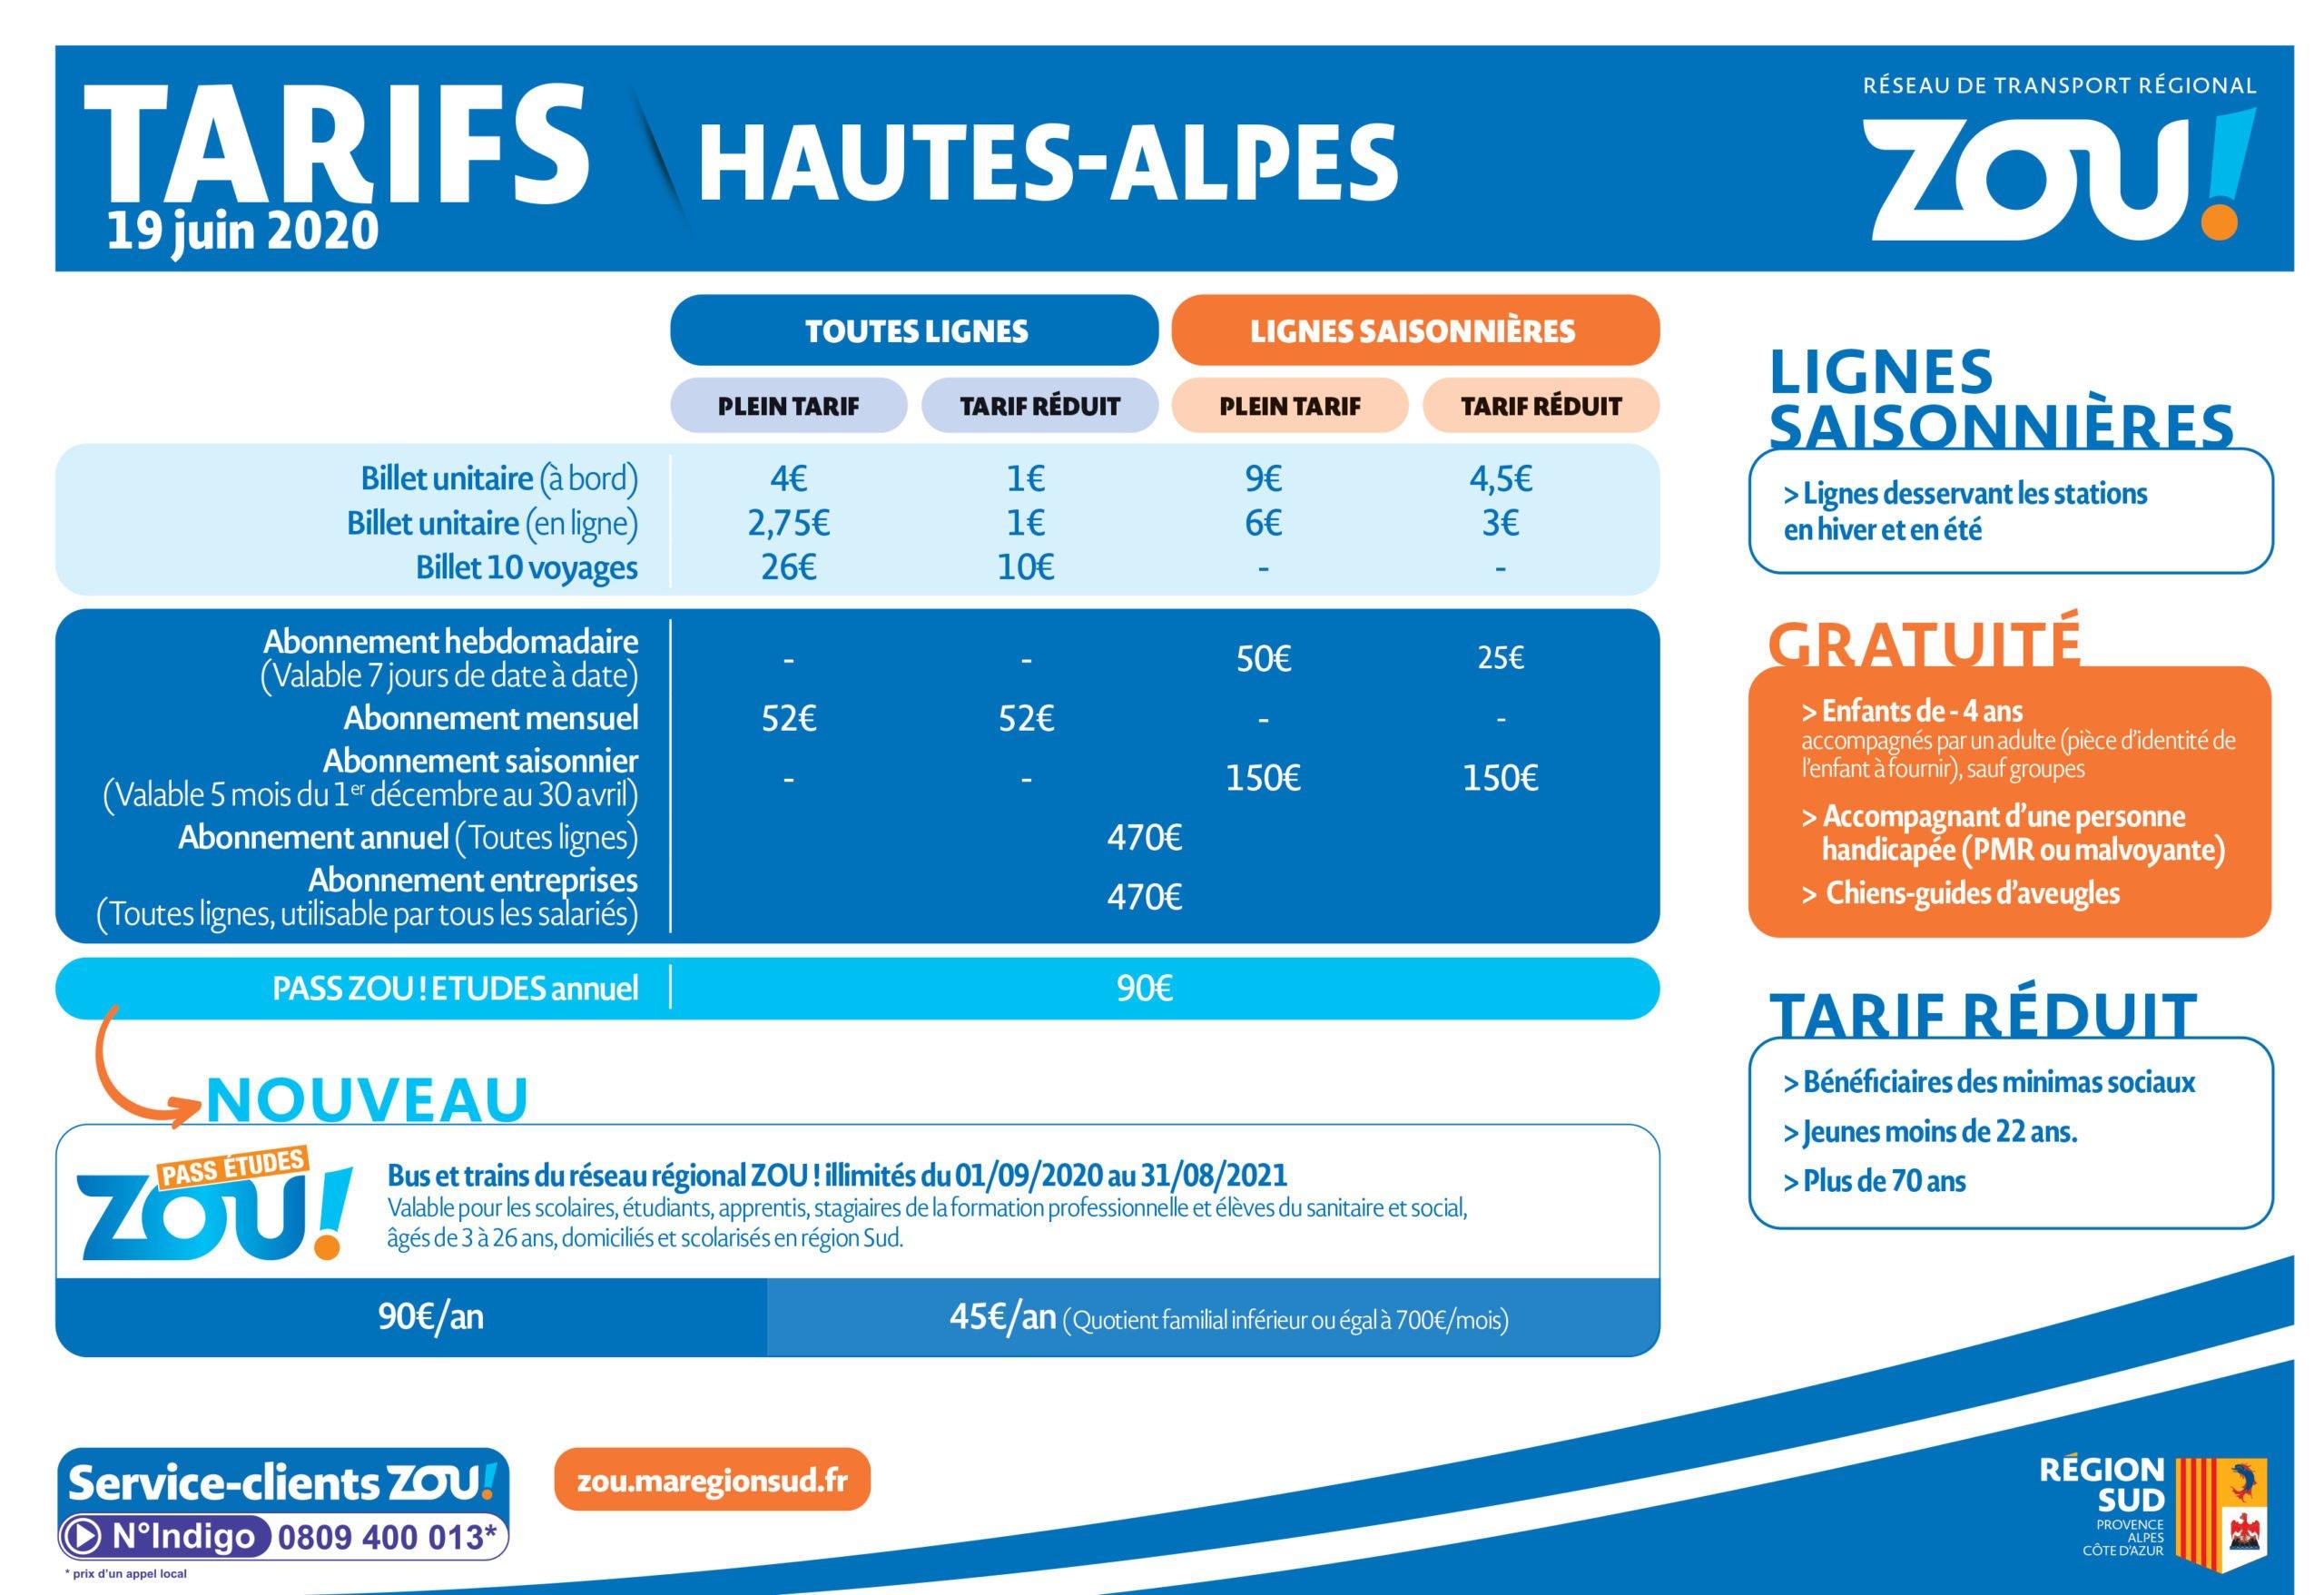 Tarifs ZOU! - Hautes-Alpes - Montgenèvre